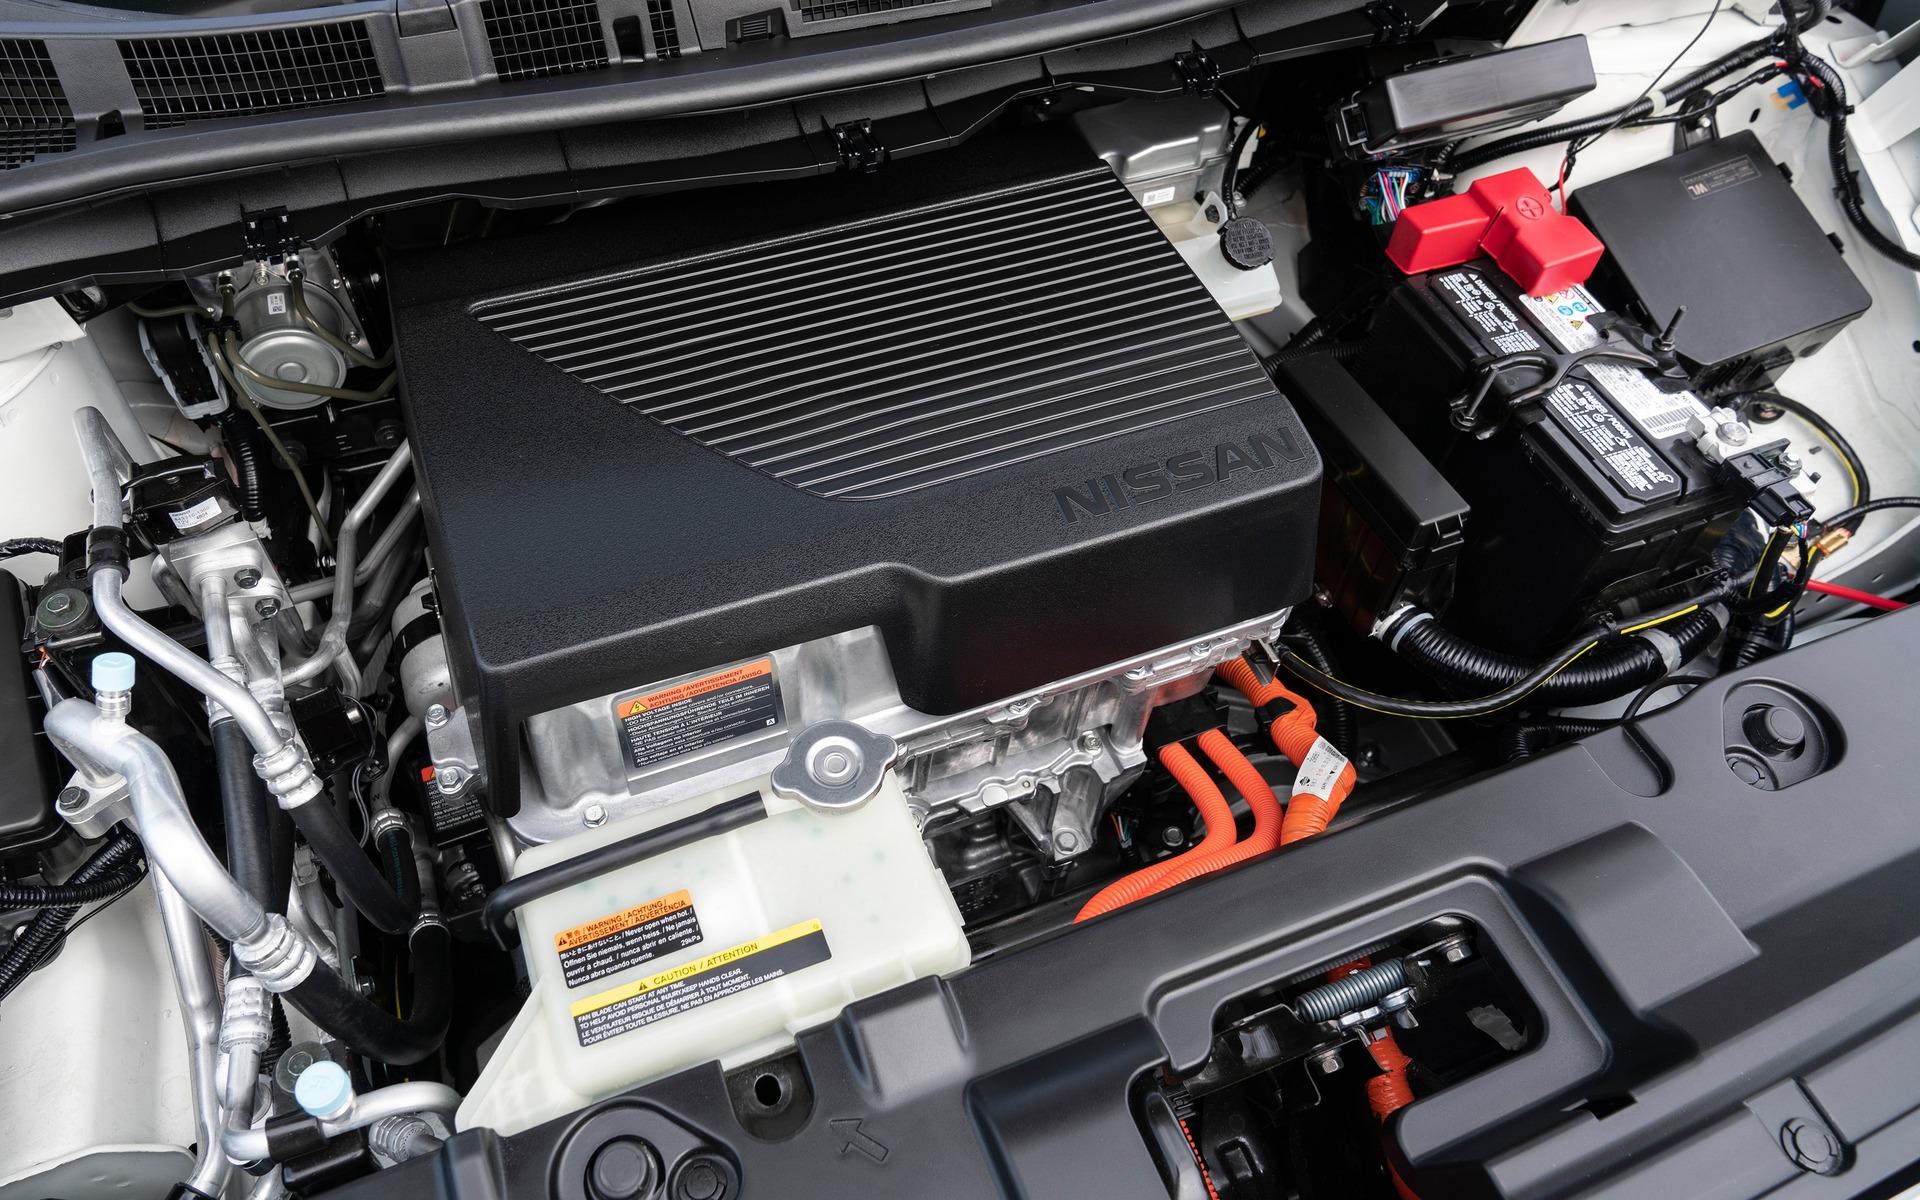 Nissan dévoile une LEAF PLUS à autonomie prolongée 362178_2019_Nissan_LEAF